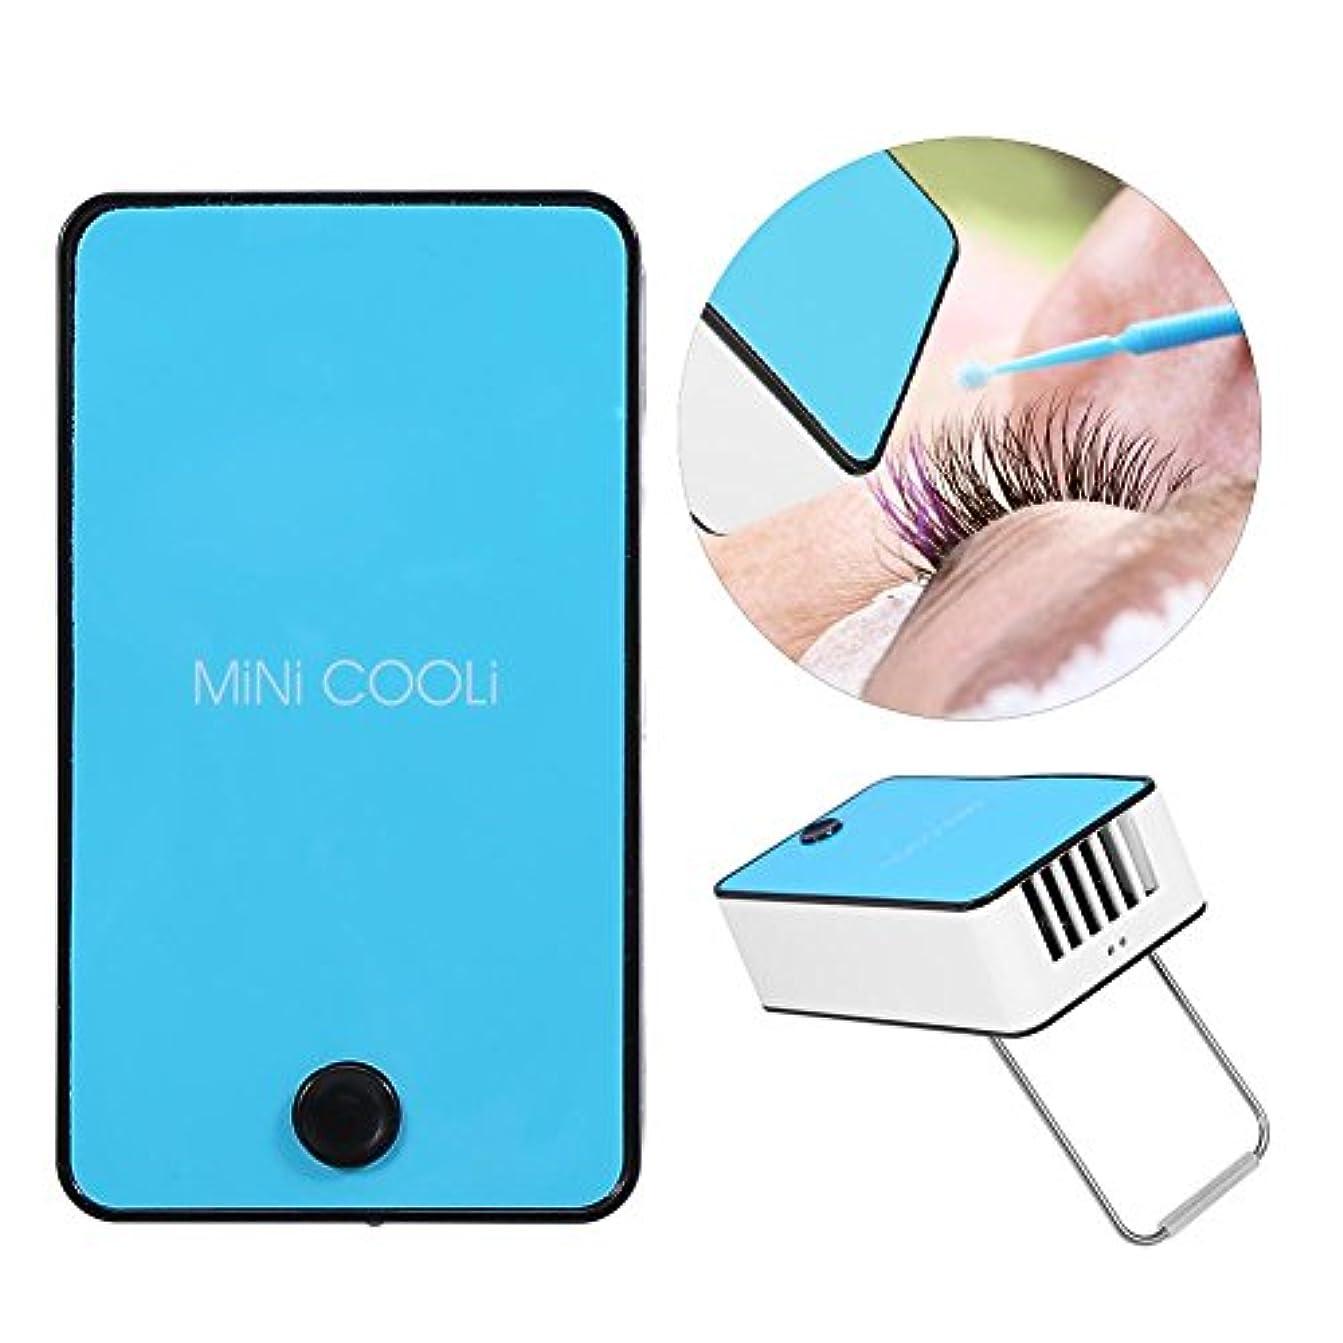 ホールナイトスポットロイヤリティ接木まつげの送風機、まつげ延長接着剤乾燥機のための携帯用USBの小型ファンのエアコンの送風機(01#)